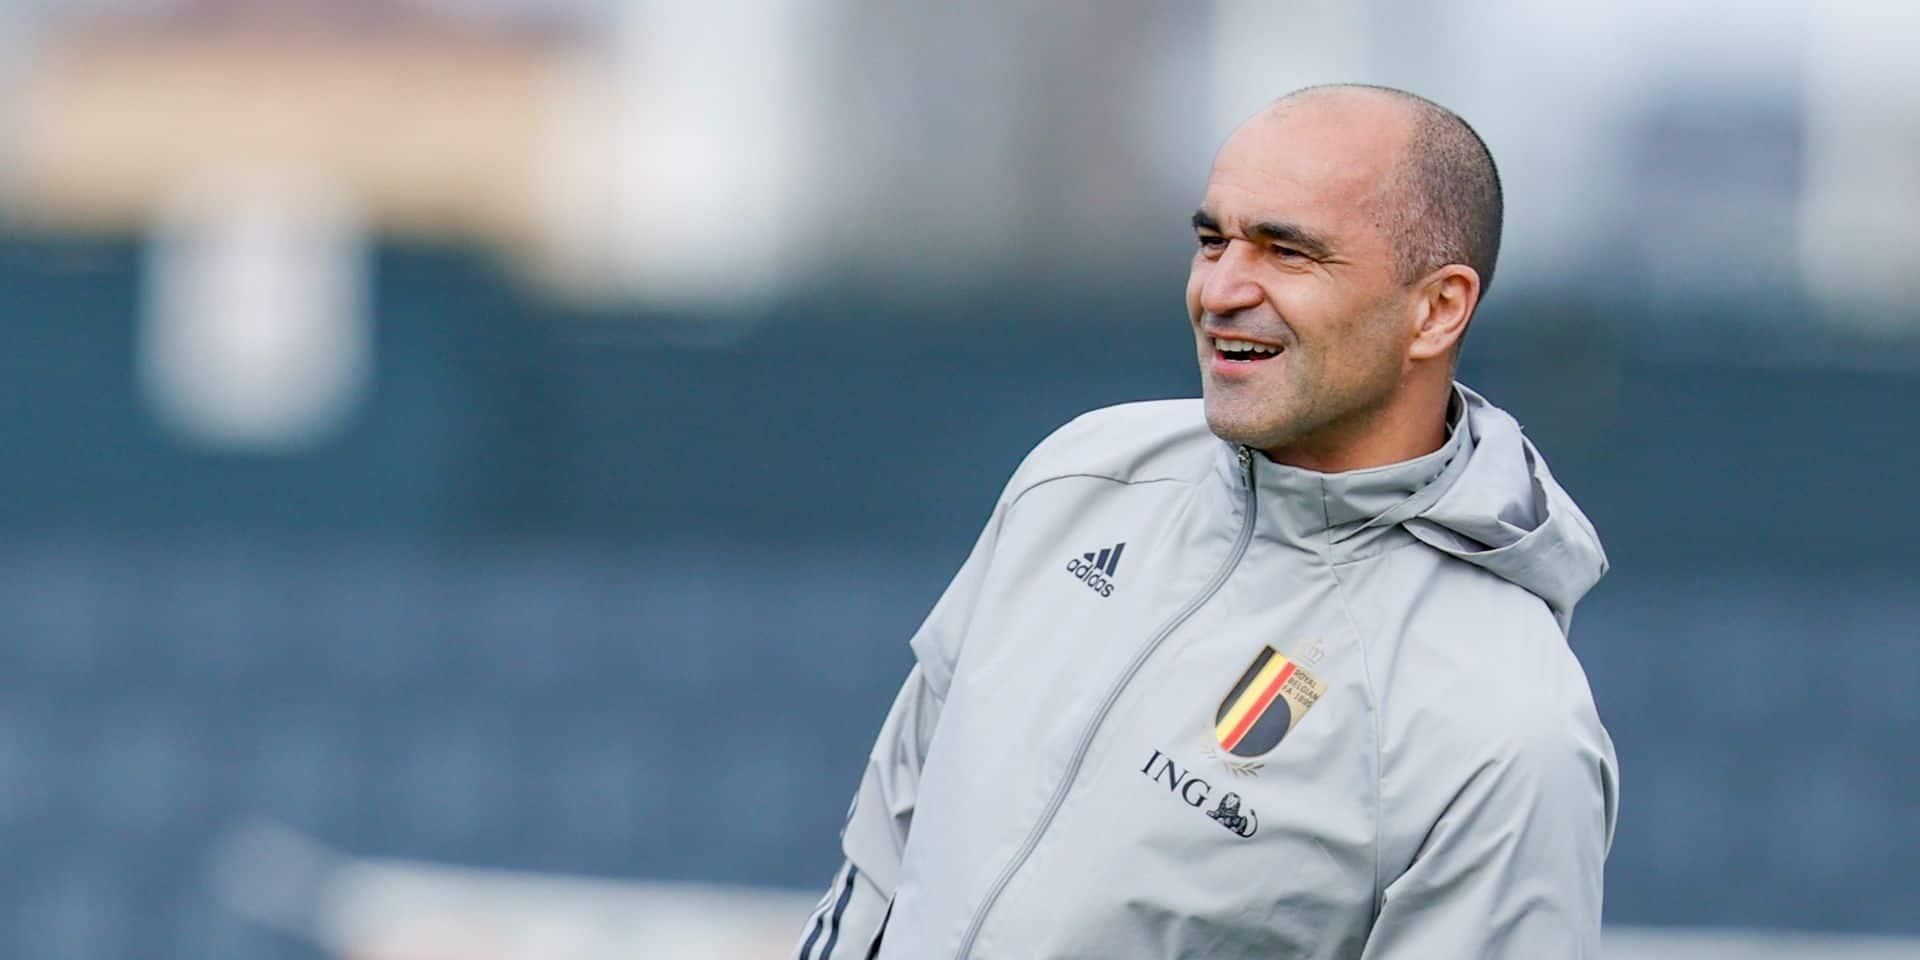 Bonne nouvelle pour Roberto Martinez: il devrait bien pouvoir rentrer une liste de 26 noms pour l'Euro